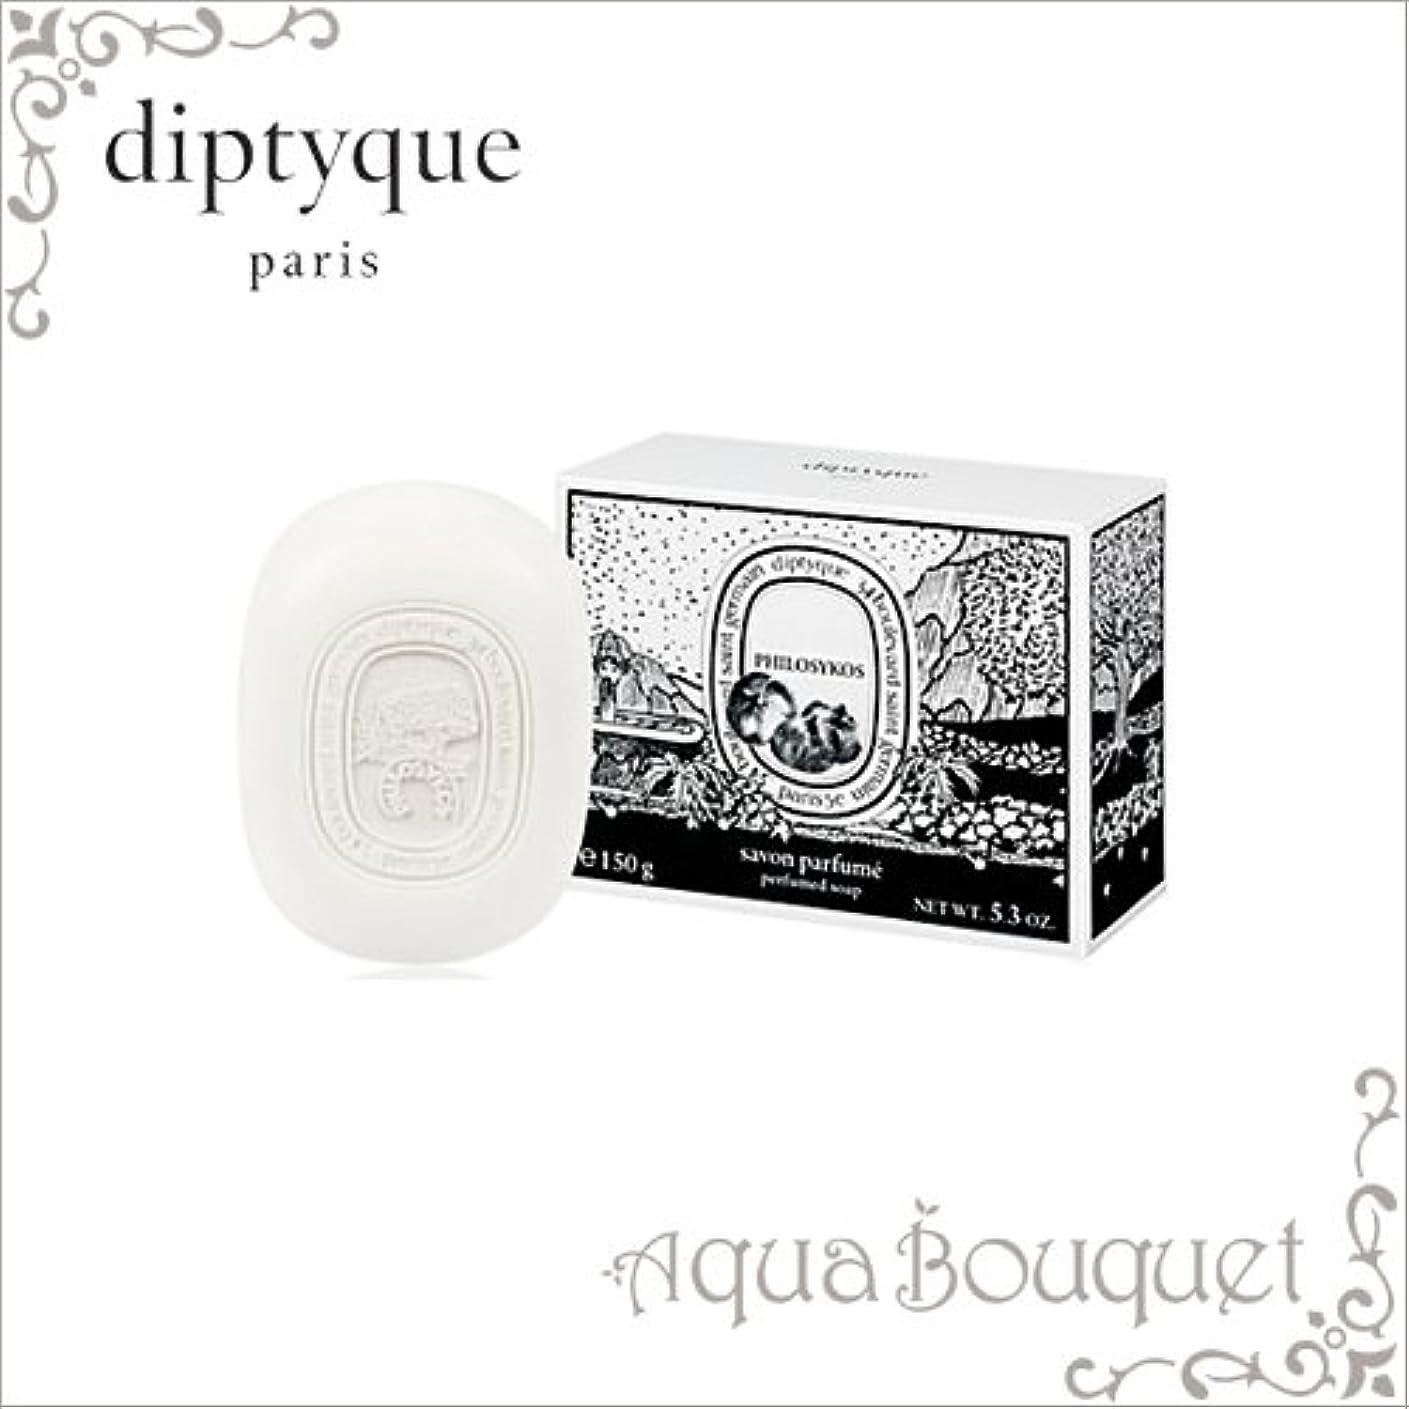 セッション驚かす個人的にディプティック フィロシコス ソープ 150g DIPTYQUE PHILOSYKOS SOAP